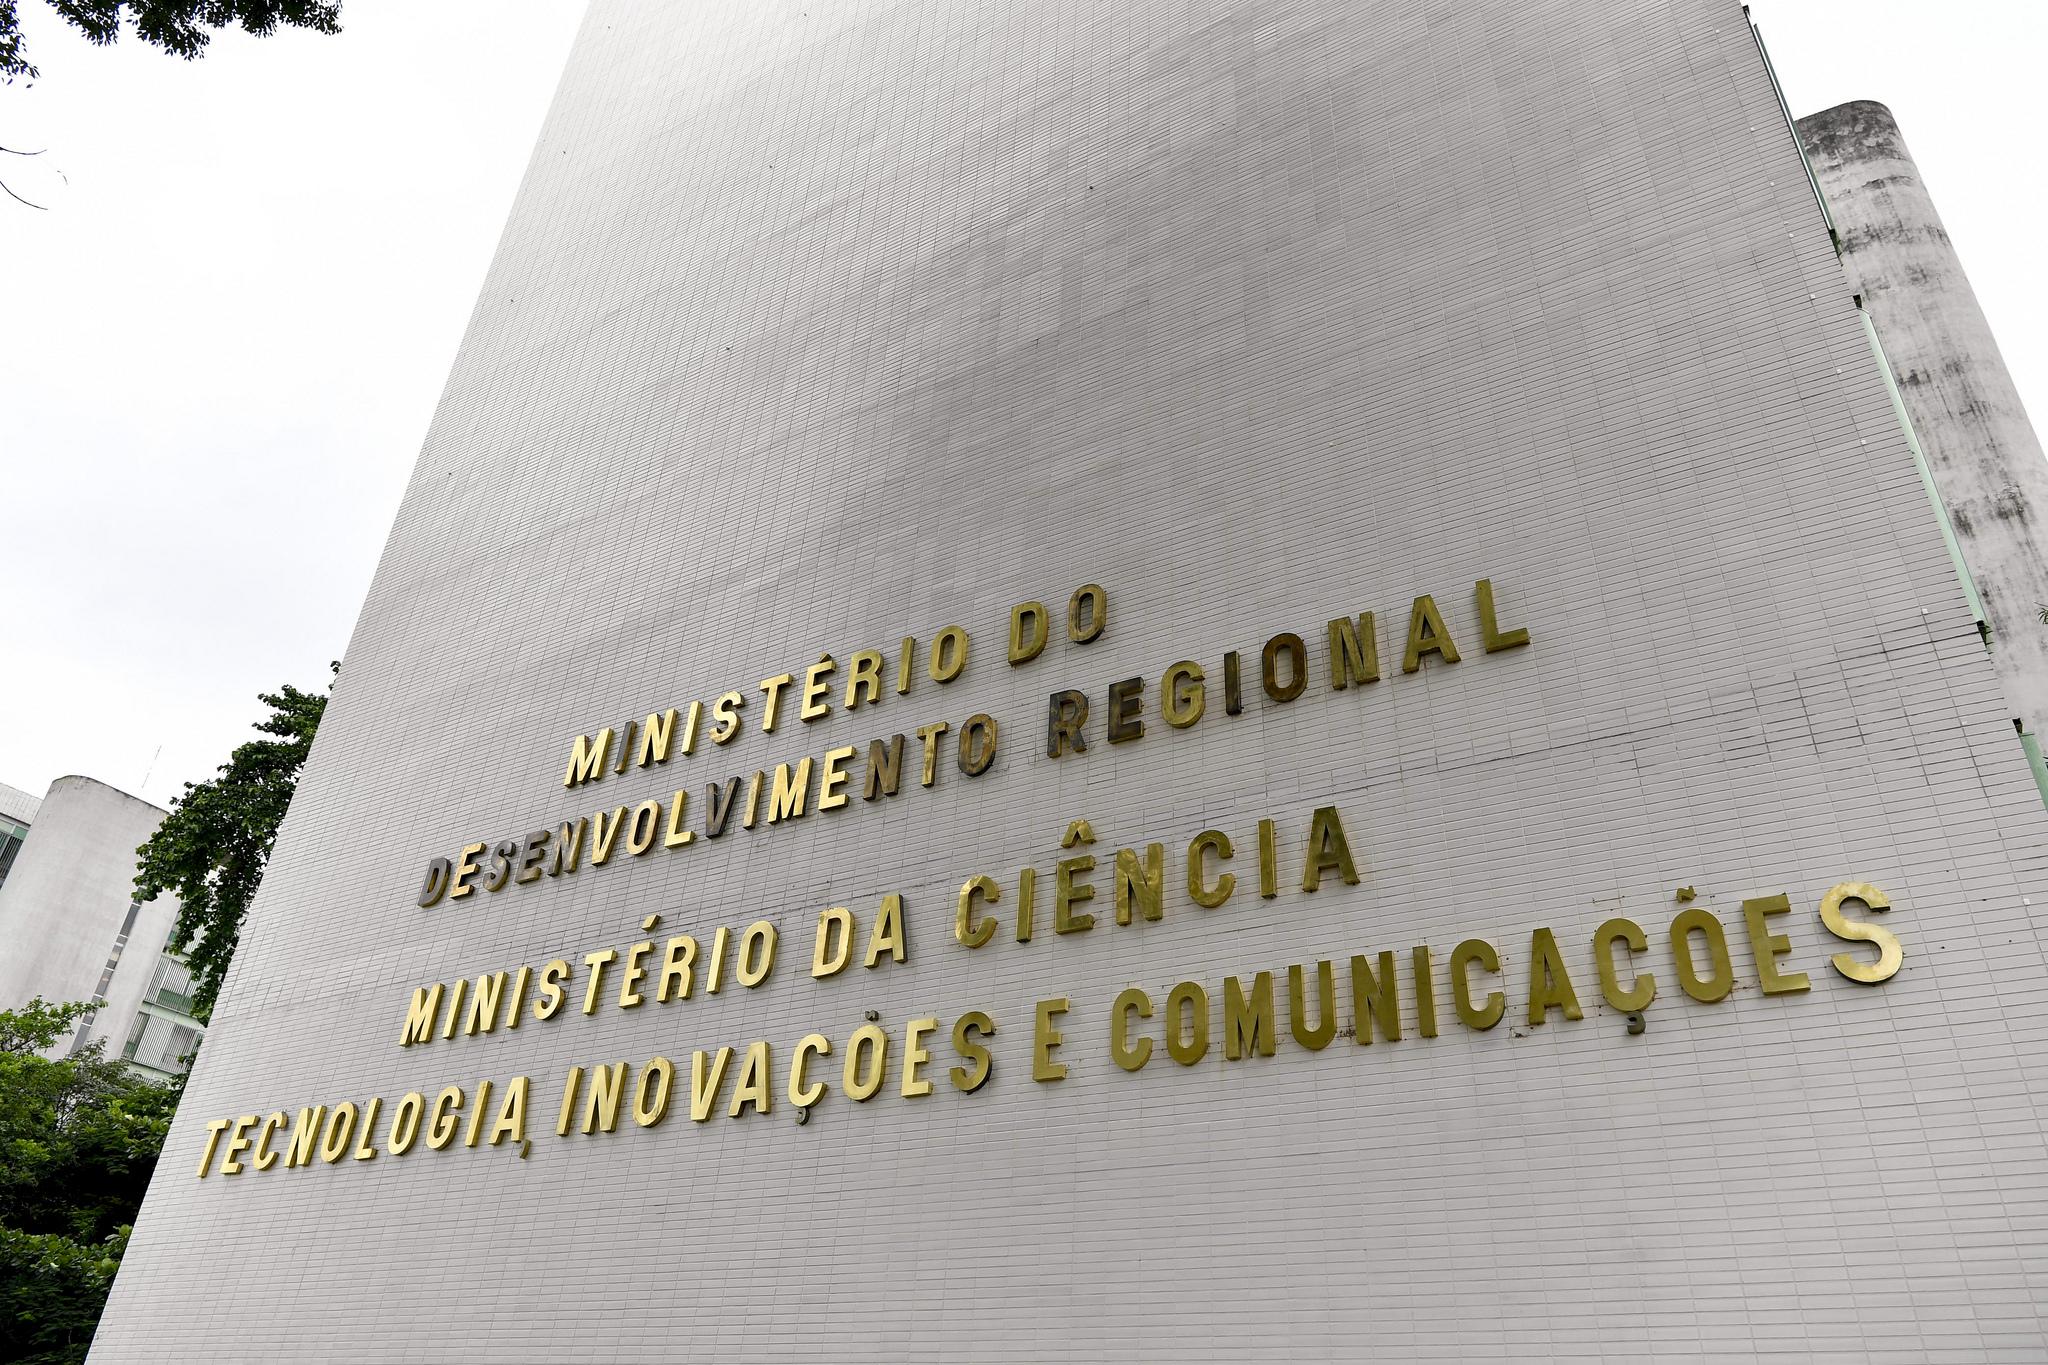 Brasília - esplanada - ministérios Desenvolvimento Regional Ciência Tecnologia Inovações Comunicações